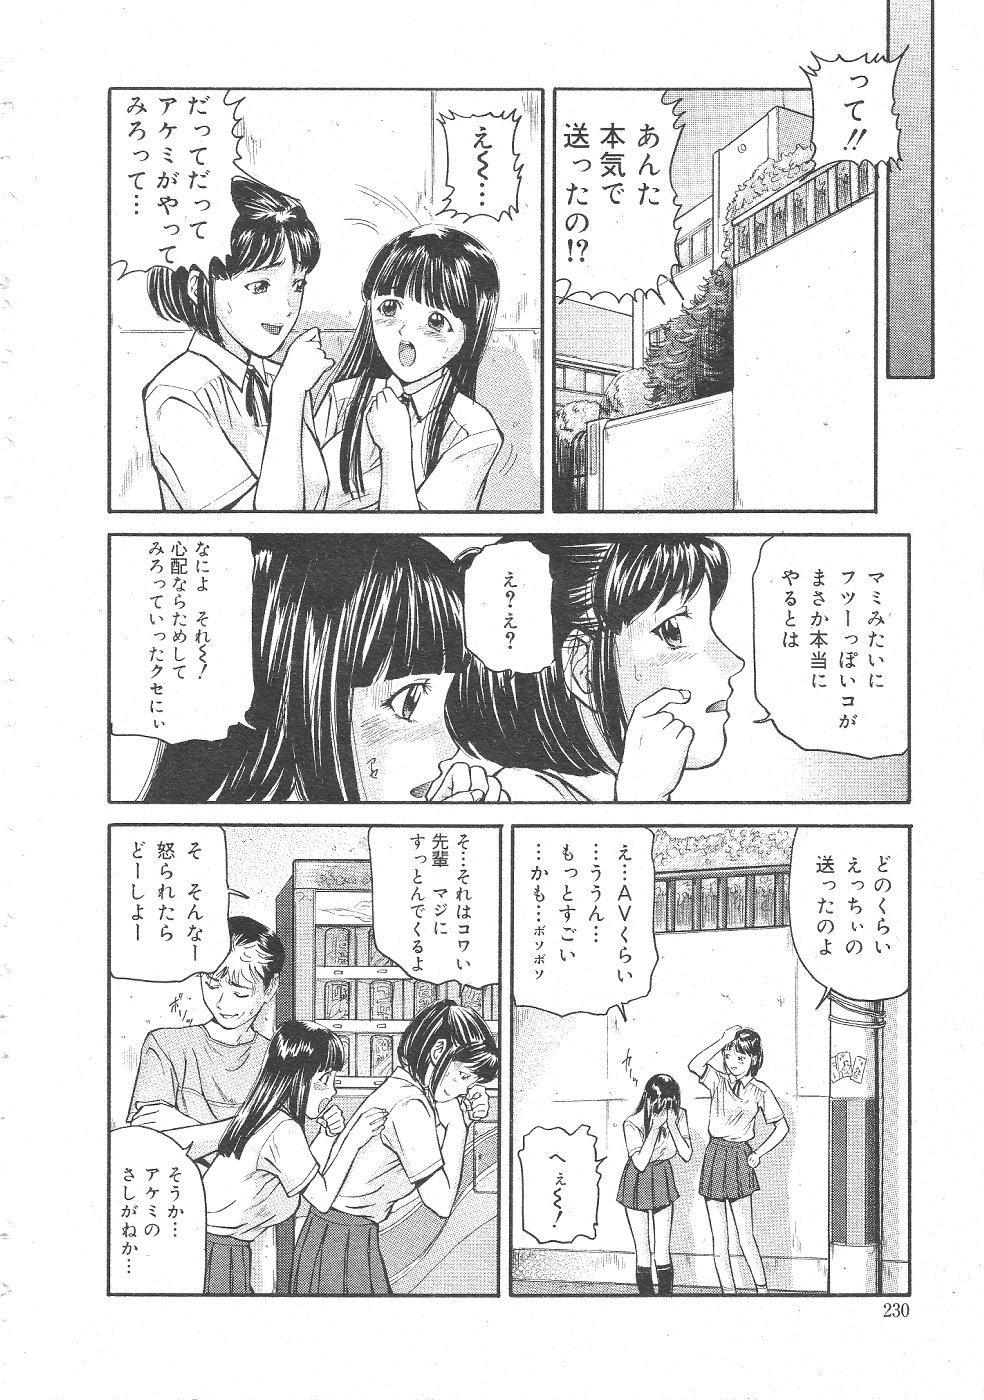 Gekkan Comic Muga 2004-06 Vol.10 233